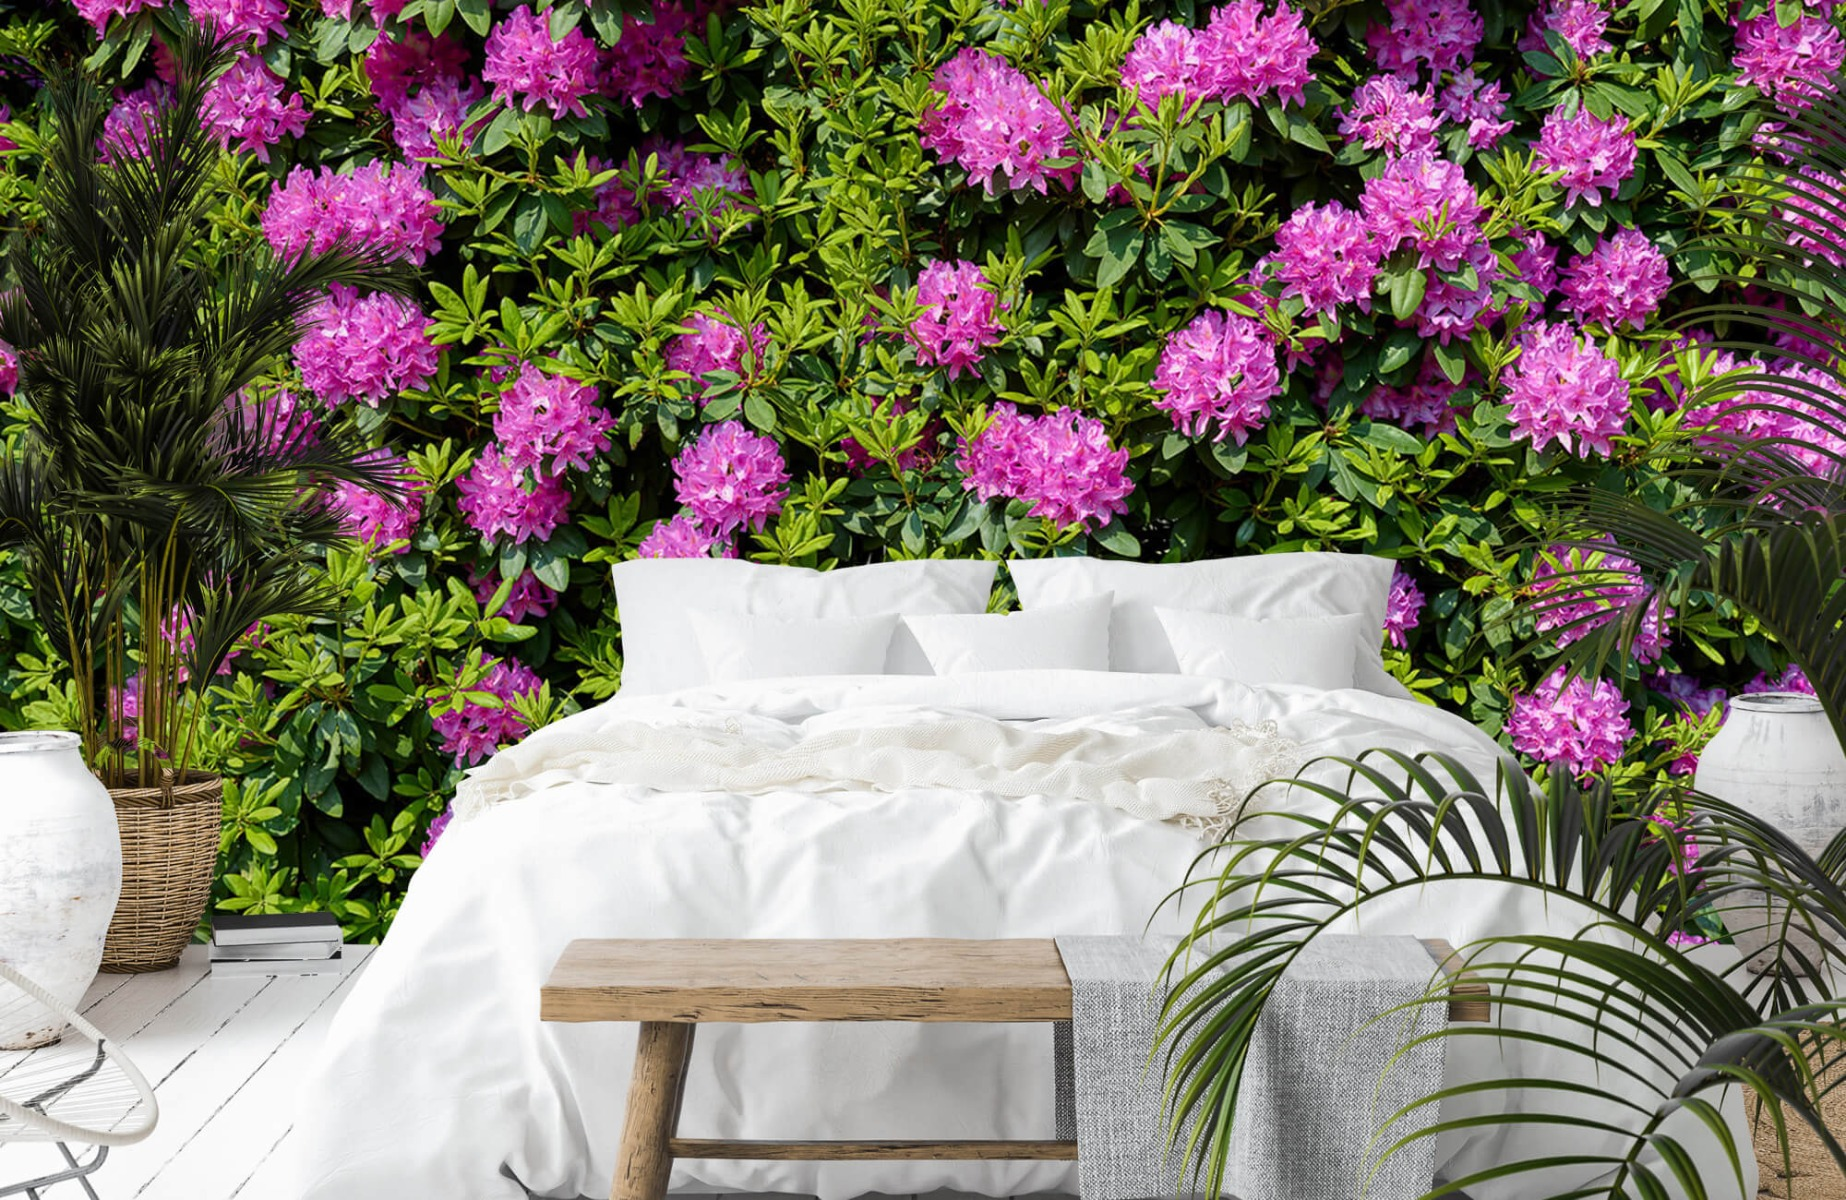 Bloemenvelden - Grote muur van rododendrons - Wallexclusive - Woonkamer 14